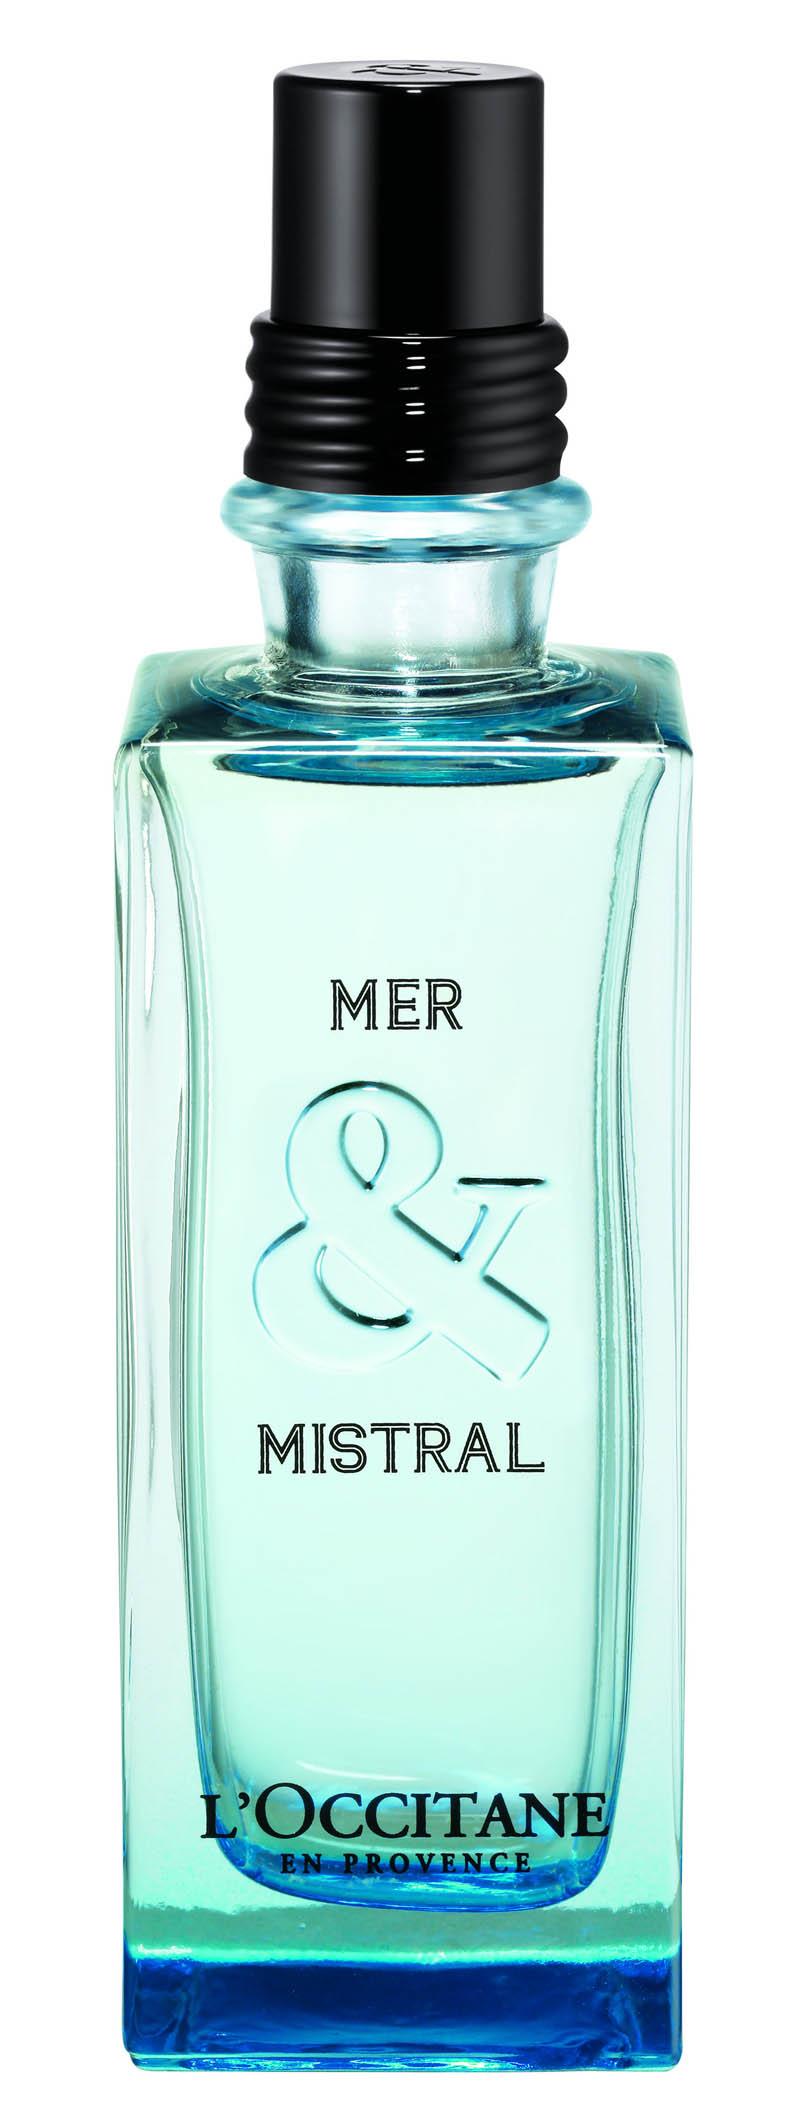 Mer & Mistral L'Occitane